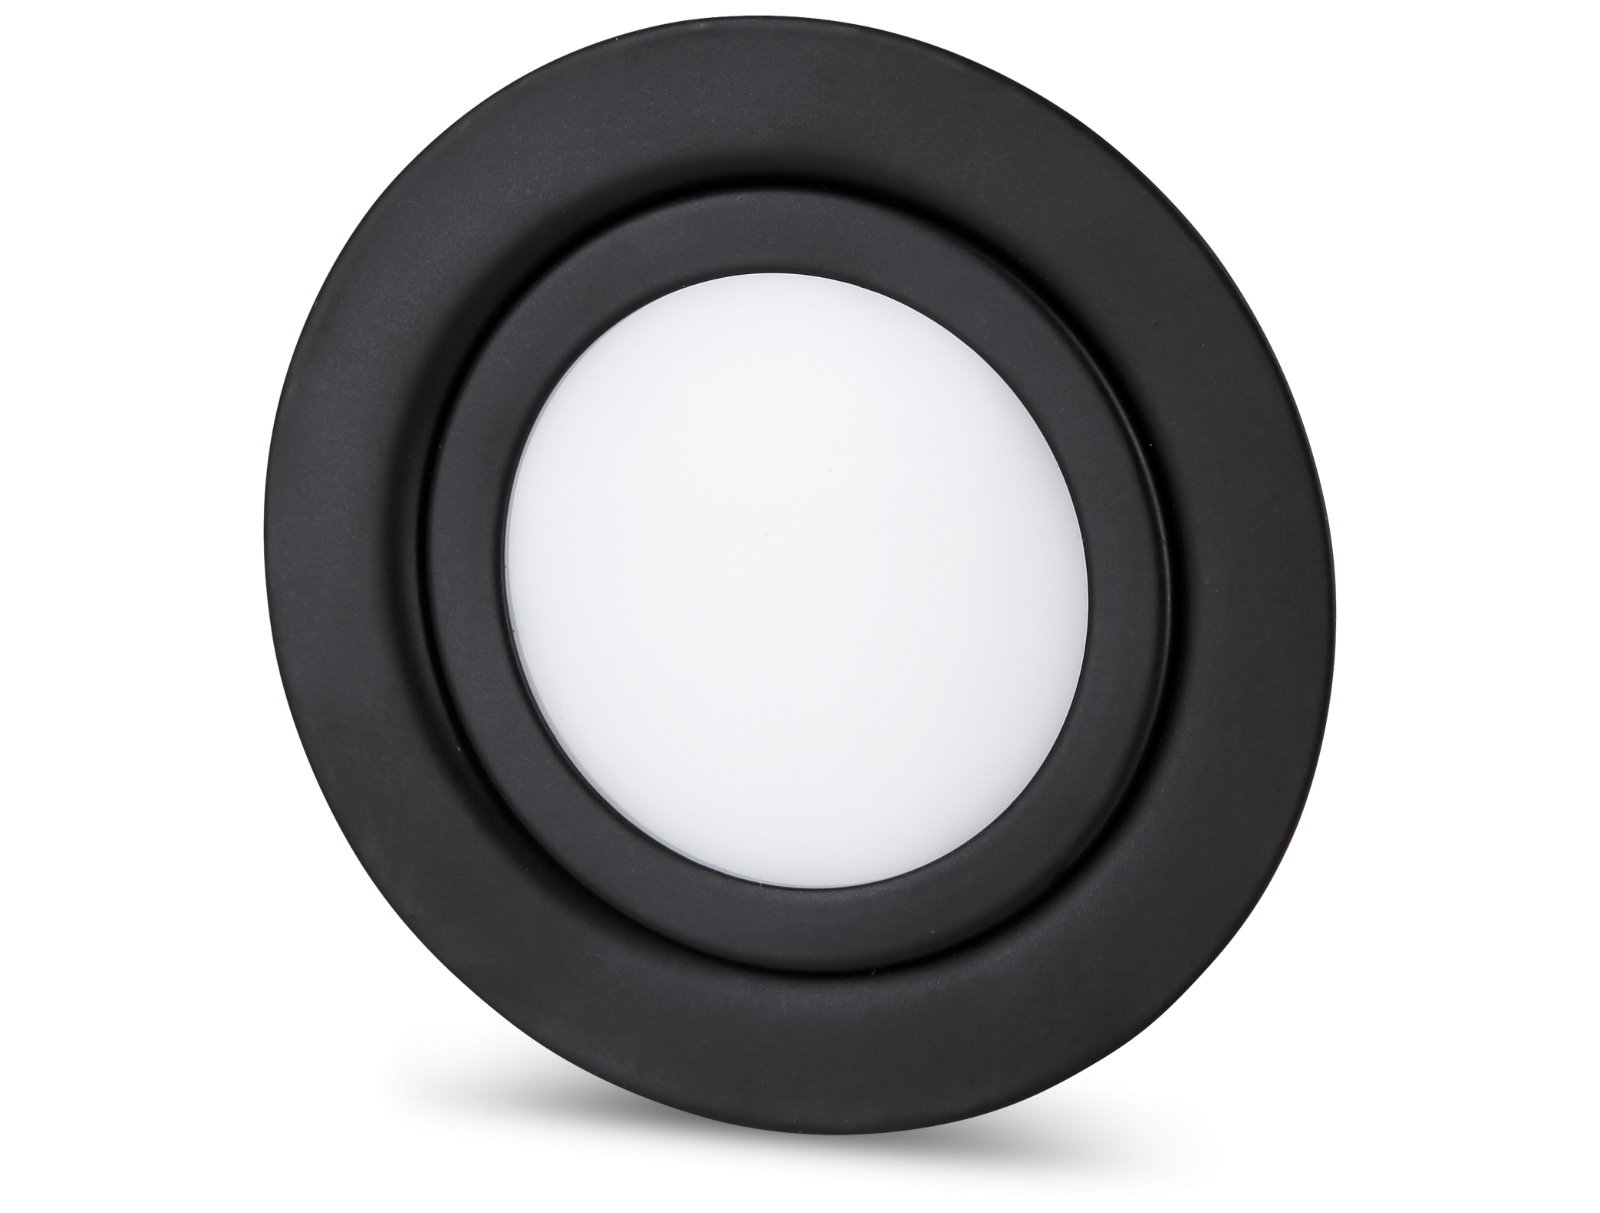 LED Slim Einbaustrahler IP44 12V - 1.8W schwarz-matt